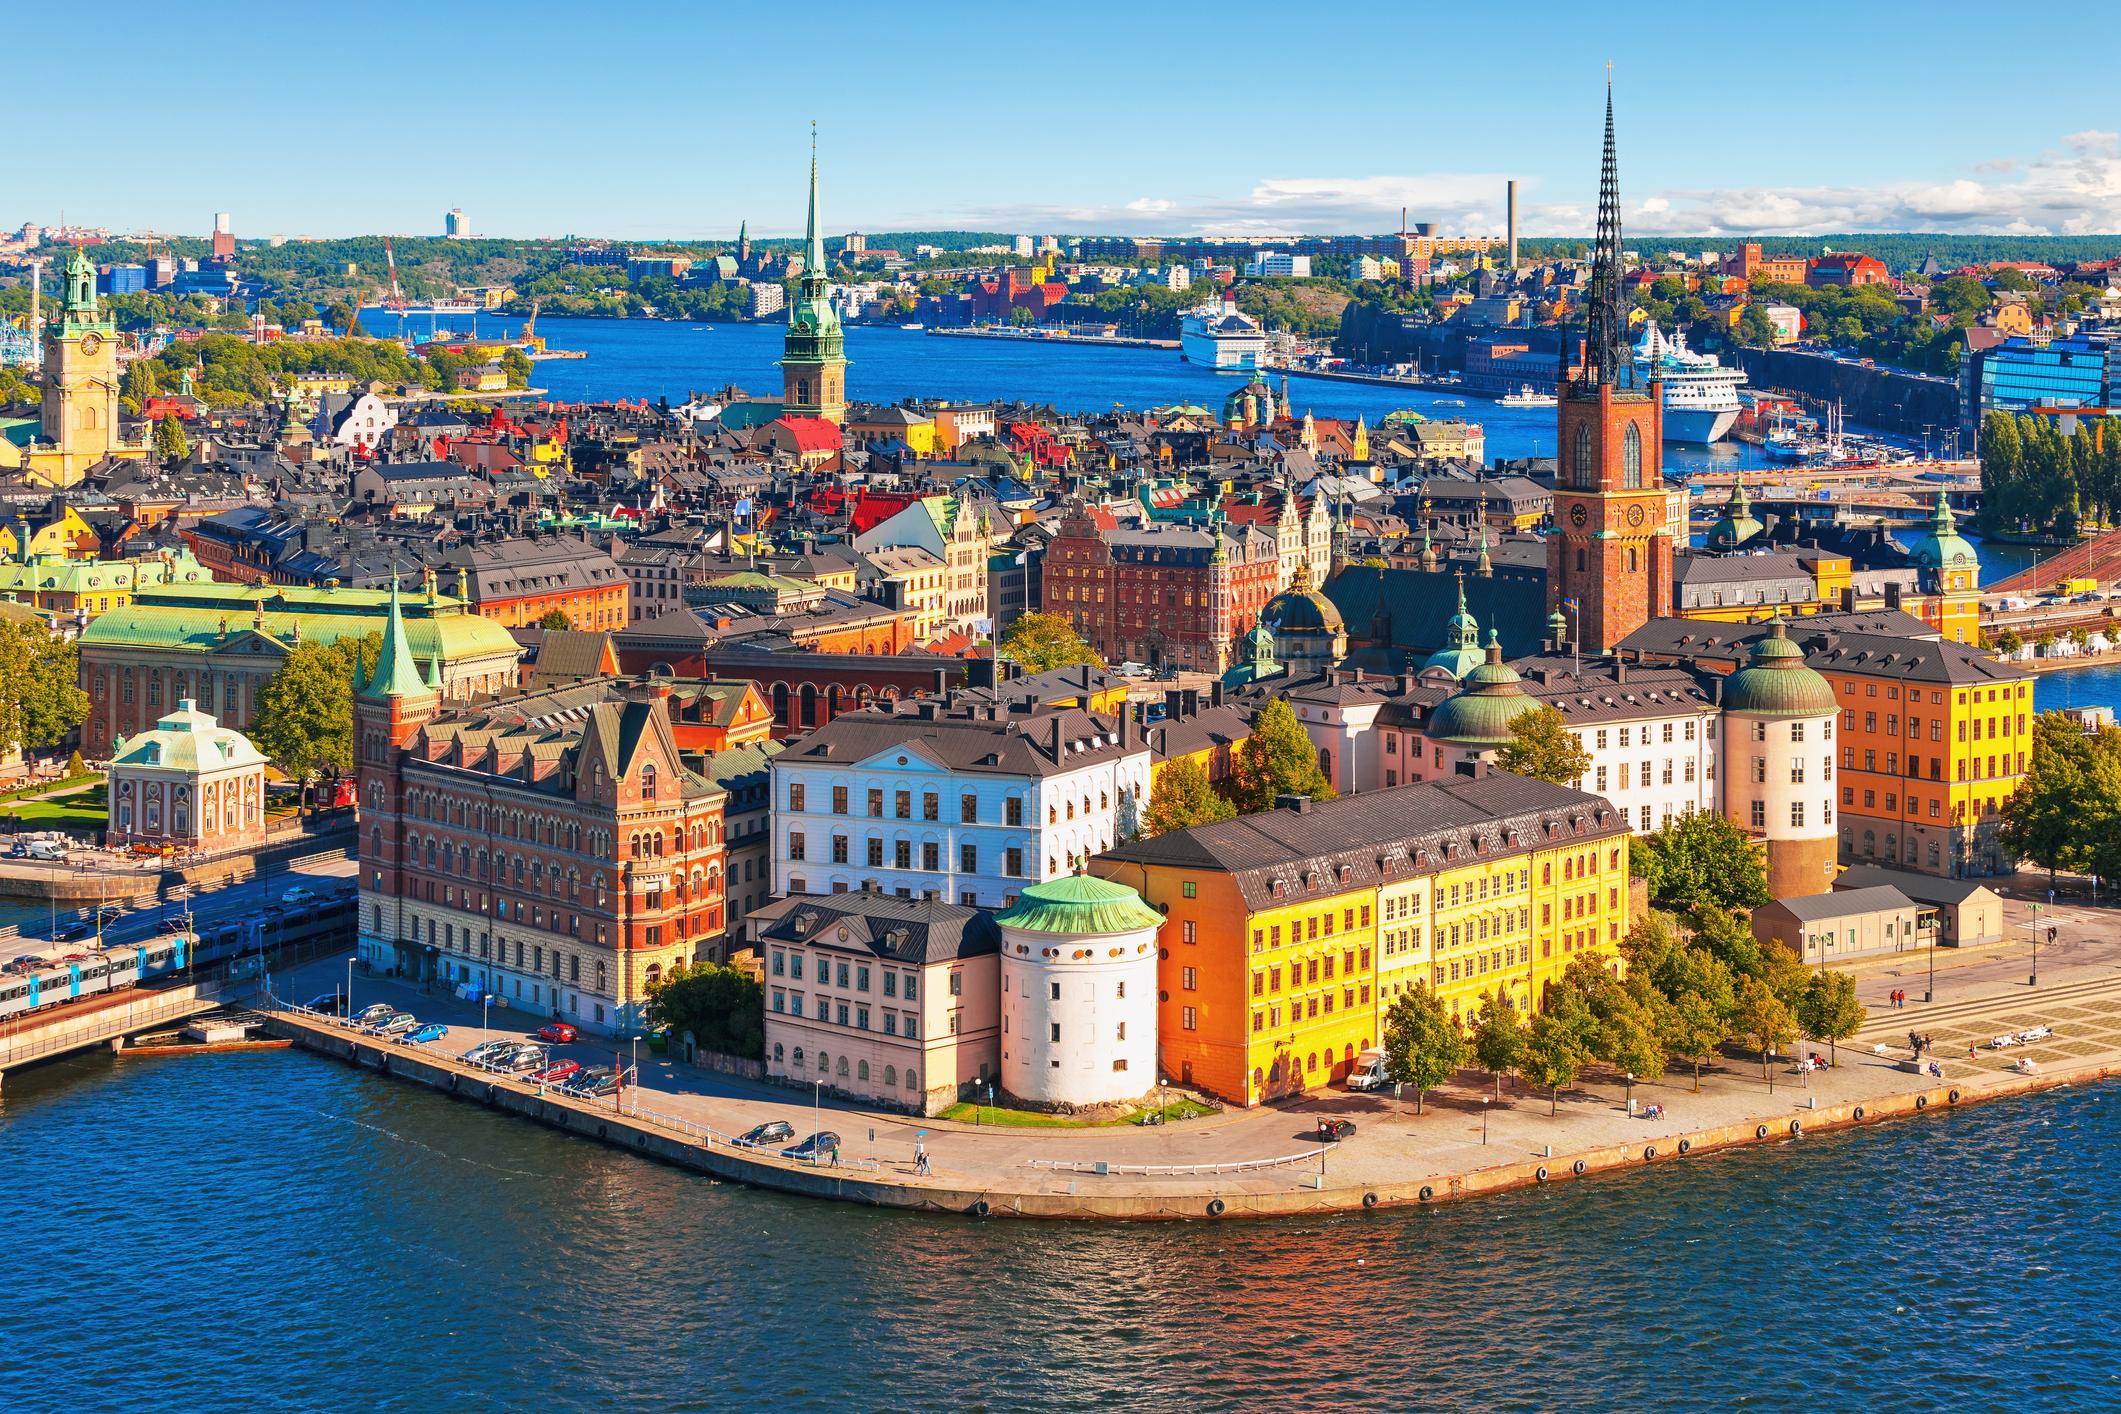 <p>Стокхолм, Швеция</p>  <p>Лятото в Швеция е прекрасно - не е прекалено горещо и всички оценяват почти 24-часовата дневна,&nbsp;слънчева светлина.&nbsp;Докато много жители напускат Стокхолм, за да почиват на своите летни къщи на островите, в града има и много фестивали, на които да се насладите. Освен множество музикални и културни фестивали, едно от най-уникалните събития е &quot;Фестивалът на раците&quot;, който се провежда на 8 август.</p>